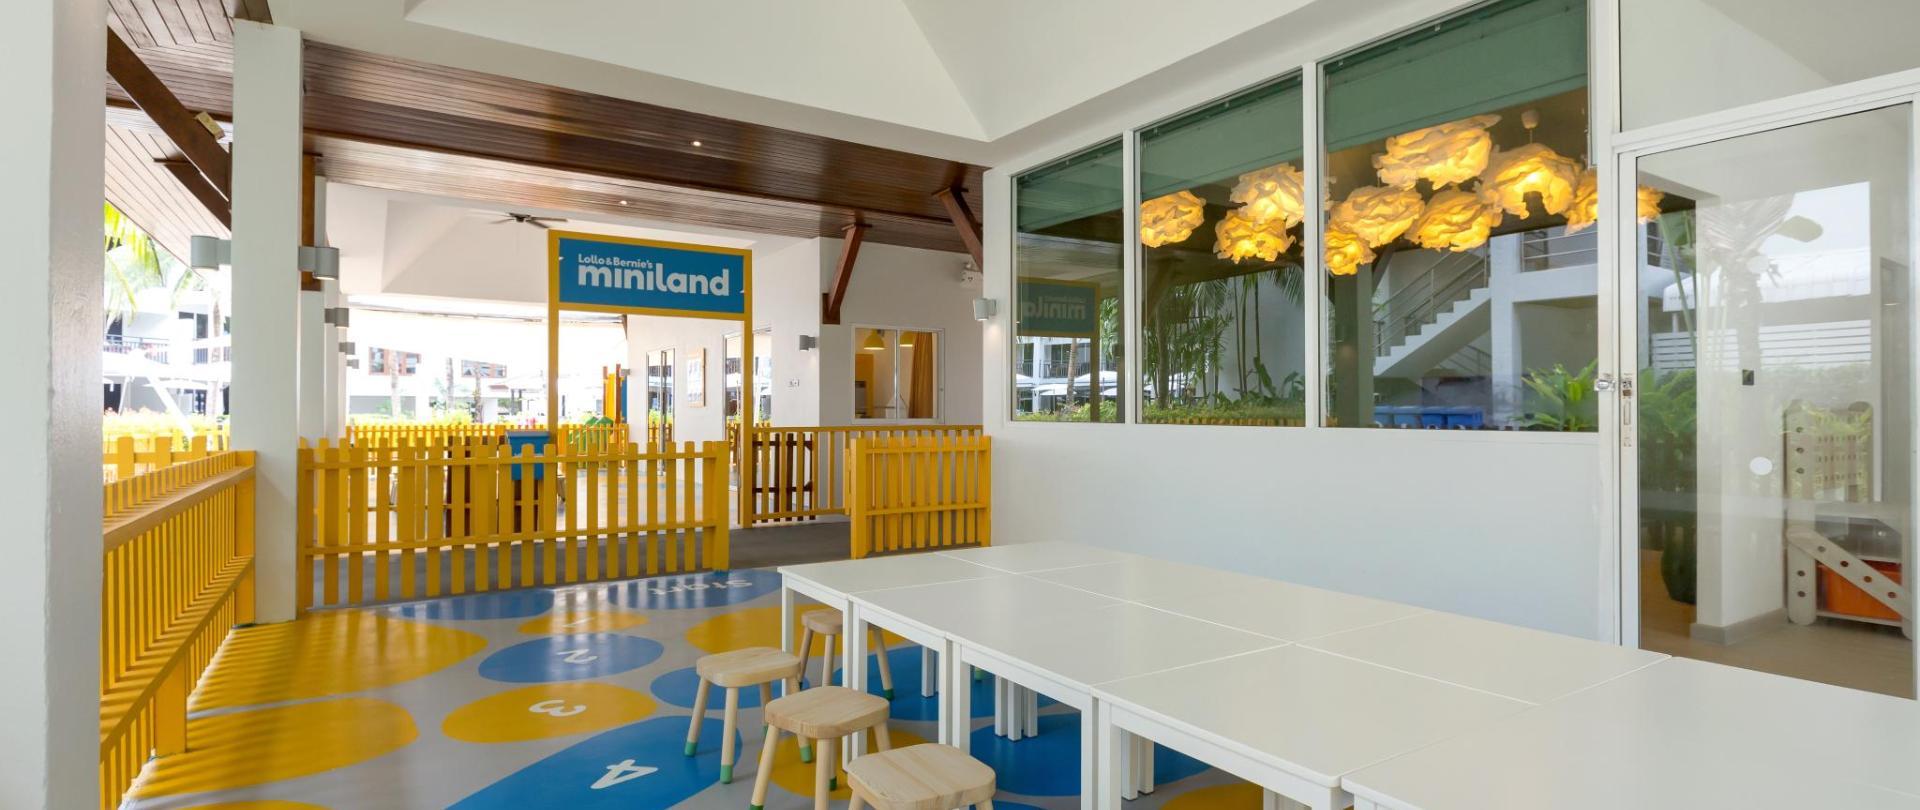 190_Miniland_014.JPG